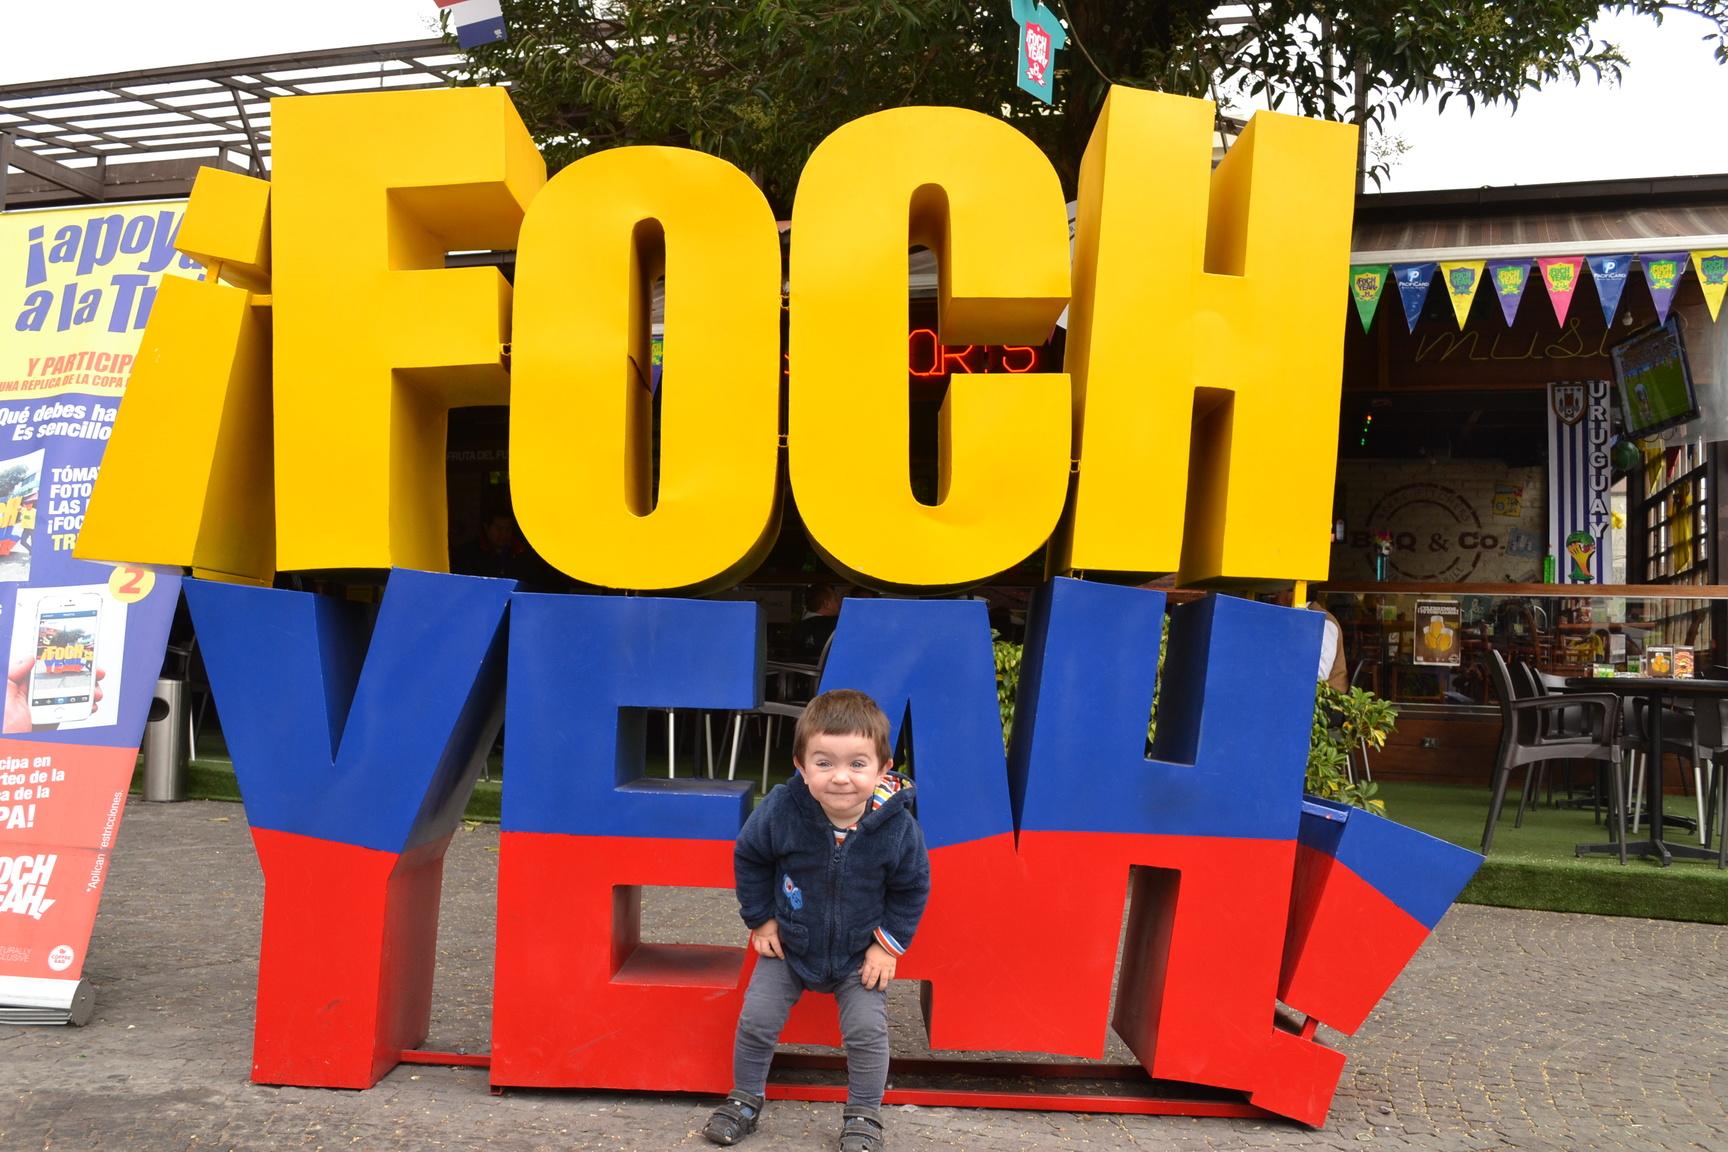 Codzienność w Quito